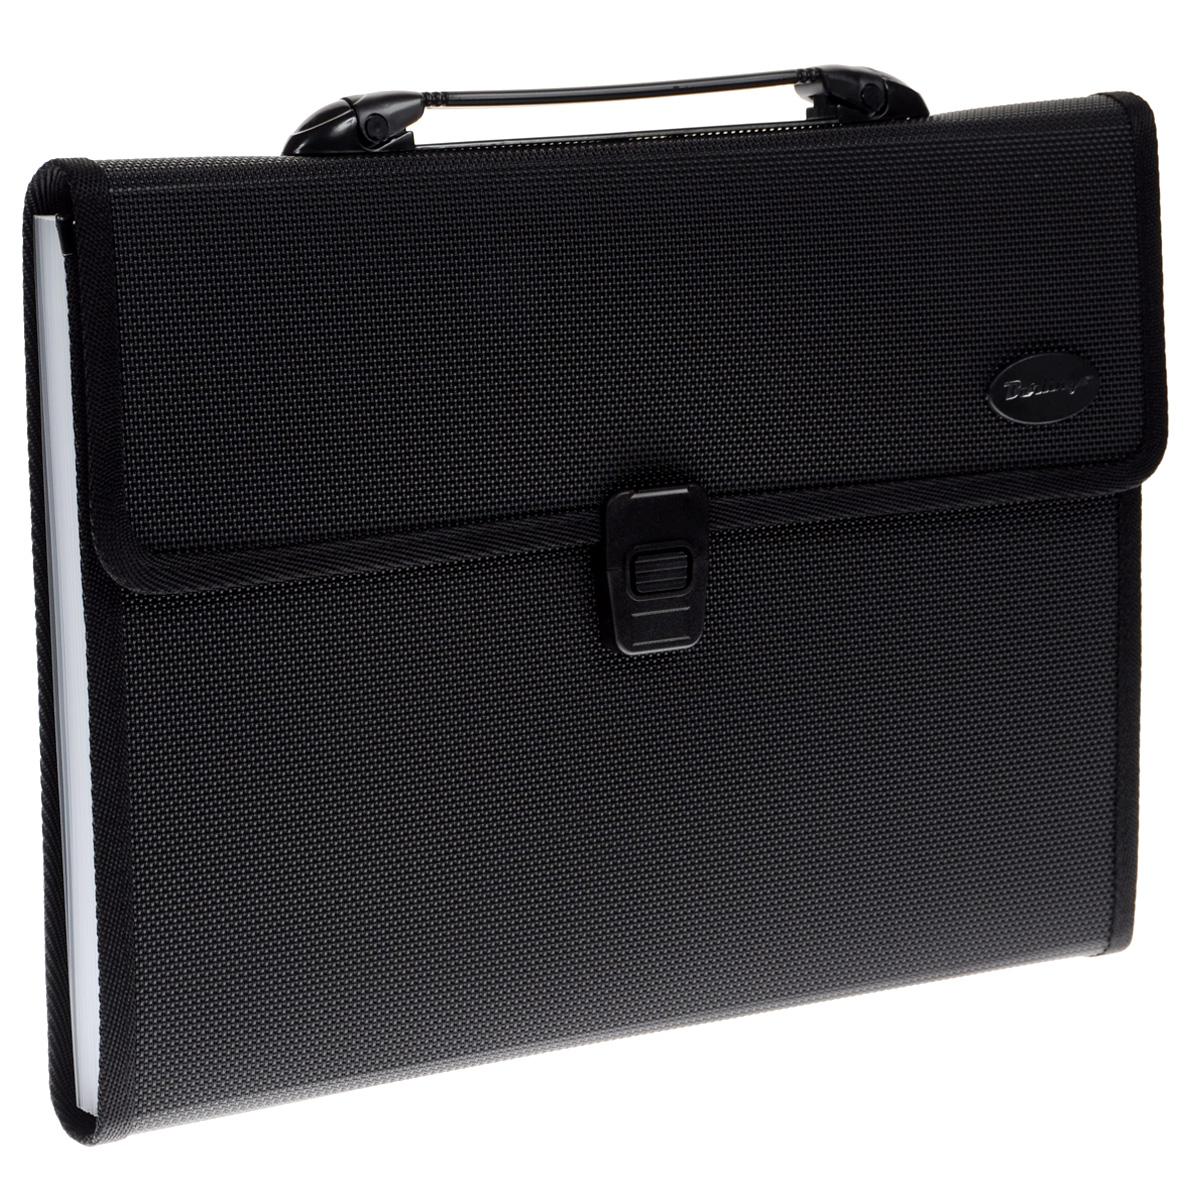 Berlingo Папка-портфель цвет черныйM_2305Папка-портфель Berlingo - это удобный и практичный офисный инструмент, предназначенный для хранения и транспортировки большого количества рабочих бумаг и документов формата А4. Папка-портфель изготовлена из плотного пластика с текстурой под ткань, оснащена удобной ручкой для переноски, закрывается на широкий клапан с пластиковым замком. Внутри папка имеет 13 вместительных отделений для бумаг и документов. Папка-портфель - это незаменимый атрибут для студента, школьника, офисного работника. Такая папка надежно сохранит ваши документы и сбережет их от повреждений, пыли и влаги.